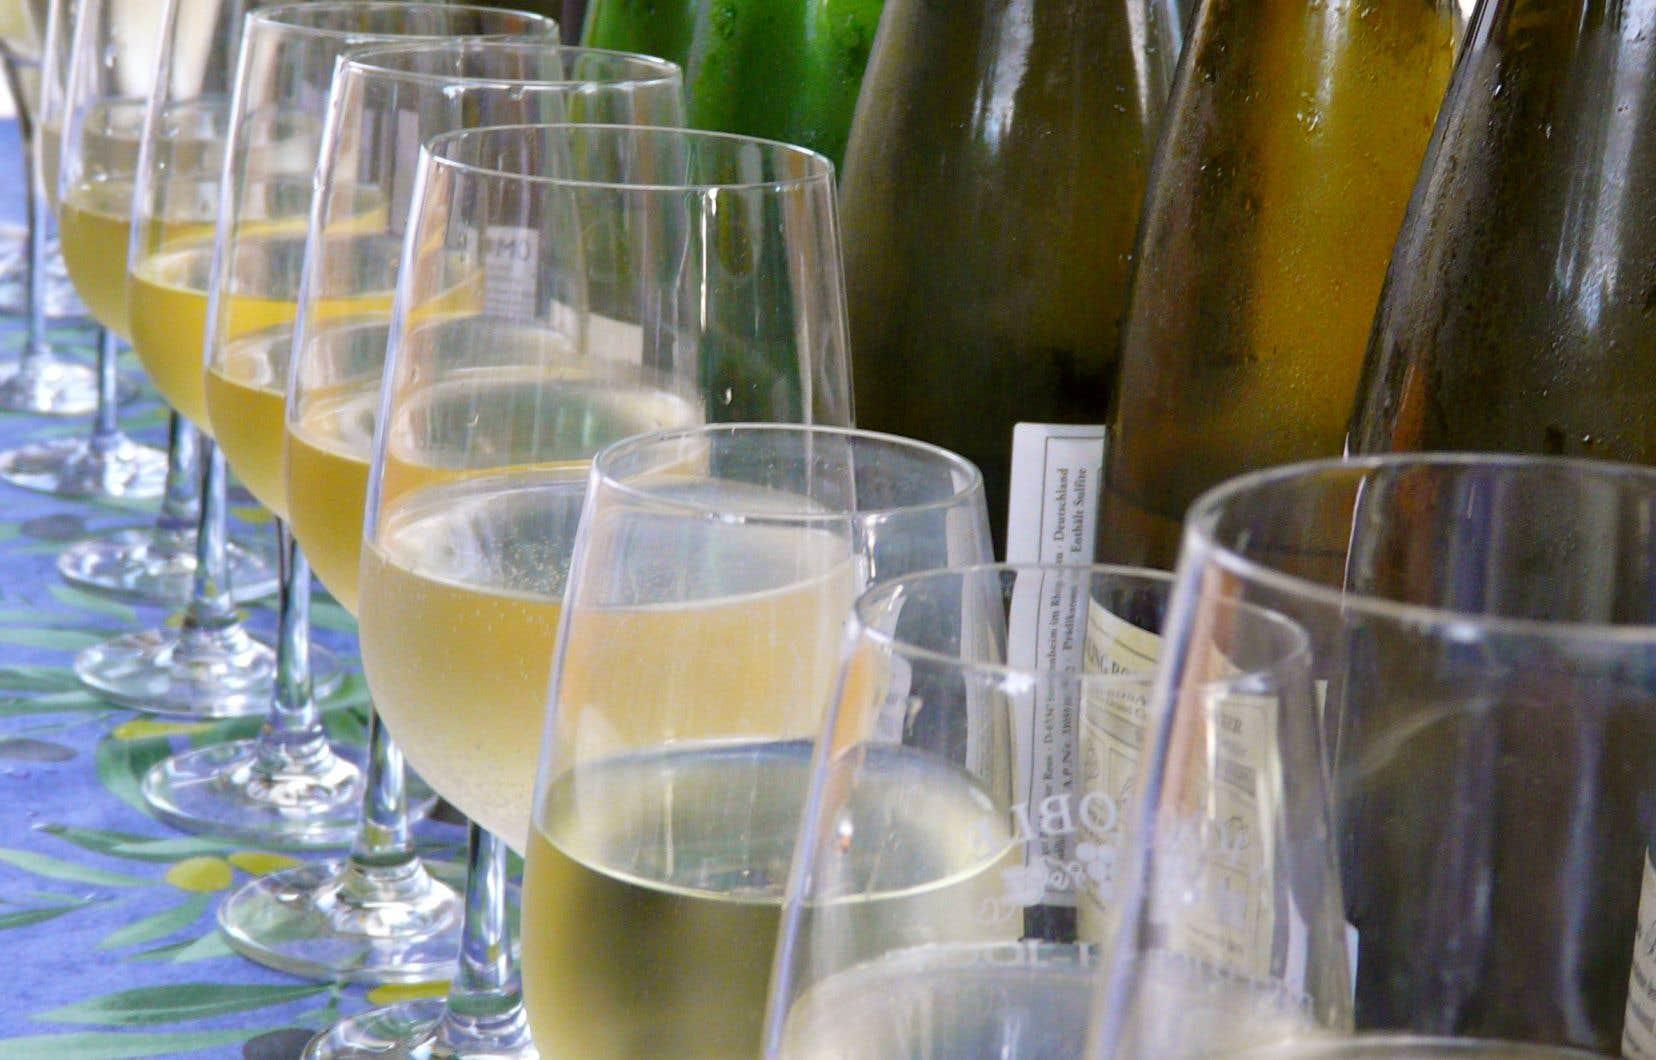 Ce début d'année 2020 permet d'y  aller avec quelques trucs et conseils d'usage, histoire  de maximiser l'expérience  du vin tout en se débarrassant d'habitudes parfois douteuses.